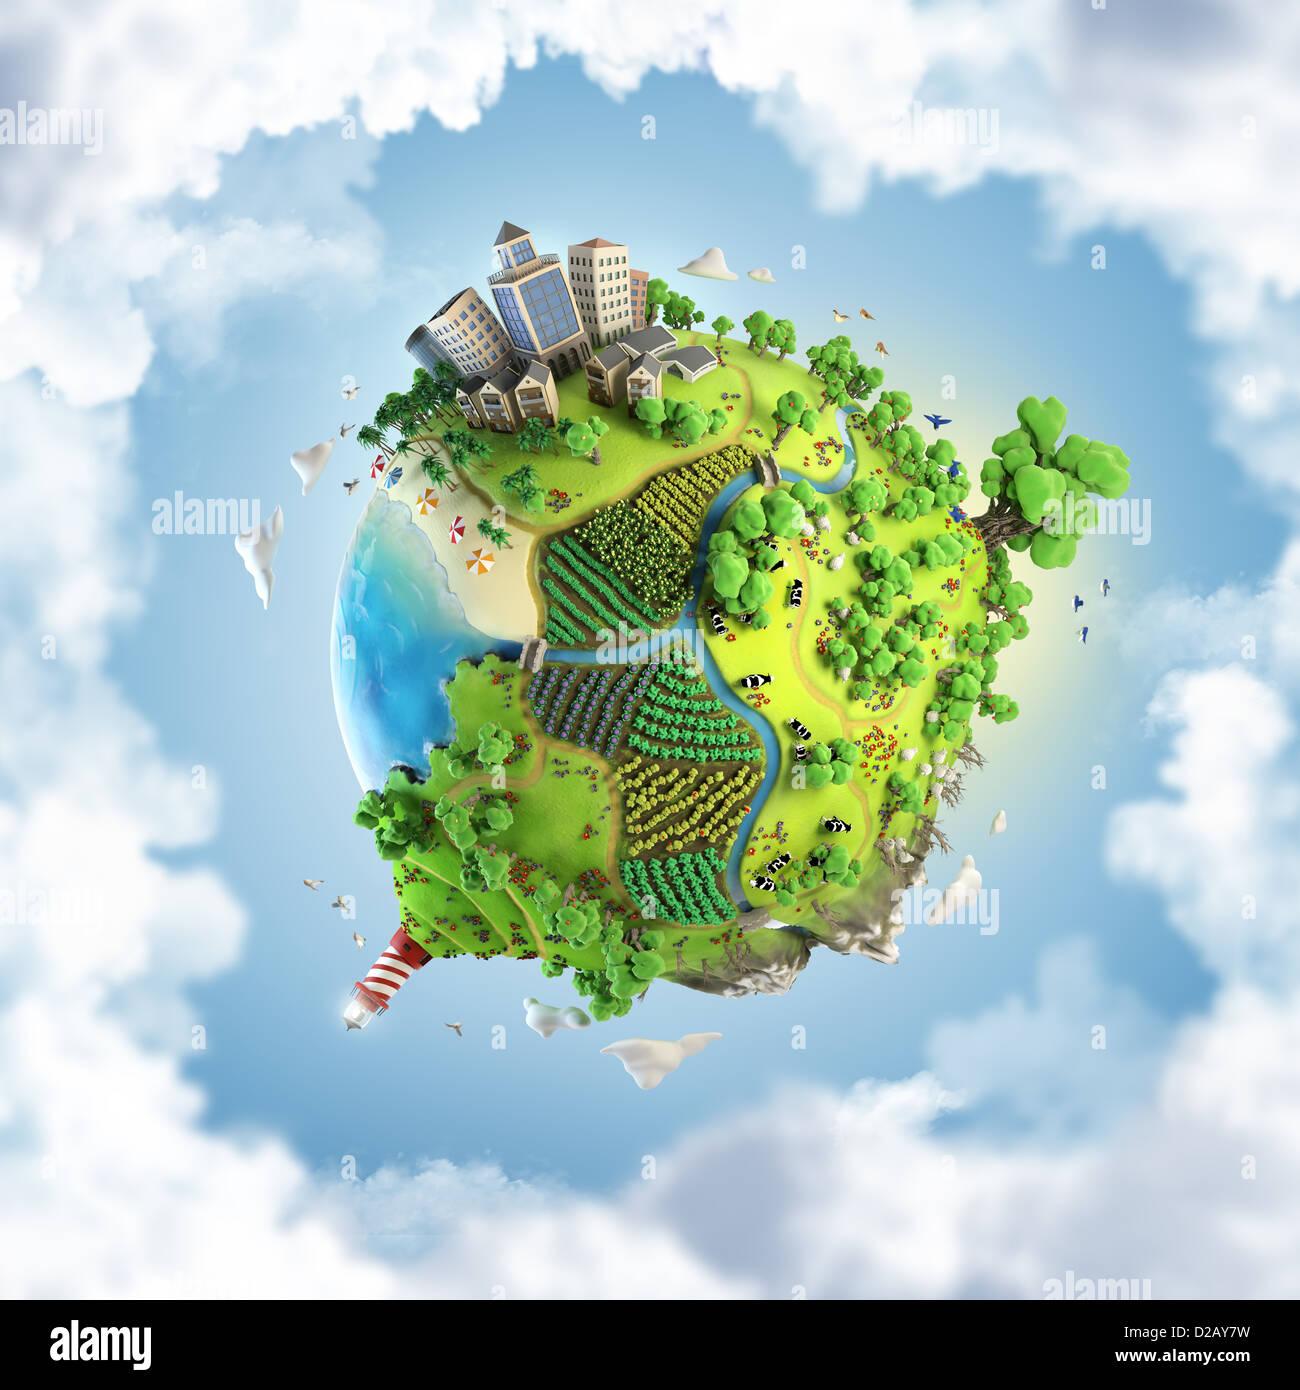 Concetto di globo mostra un verde, pacifico e idilliaco stile di vita in tutto il mondo in un stile cartoony Immagini Stock